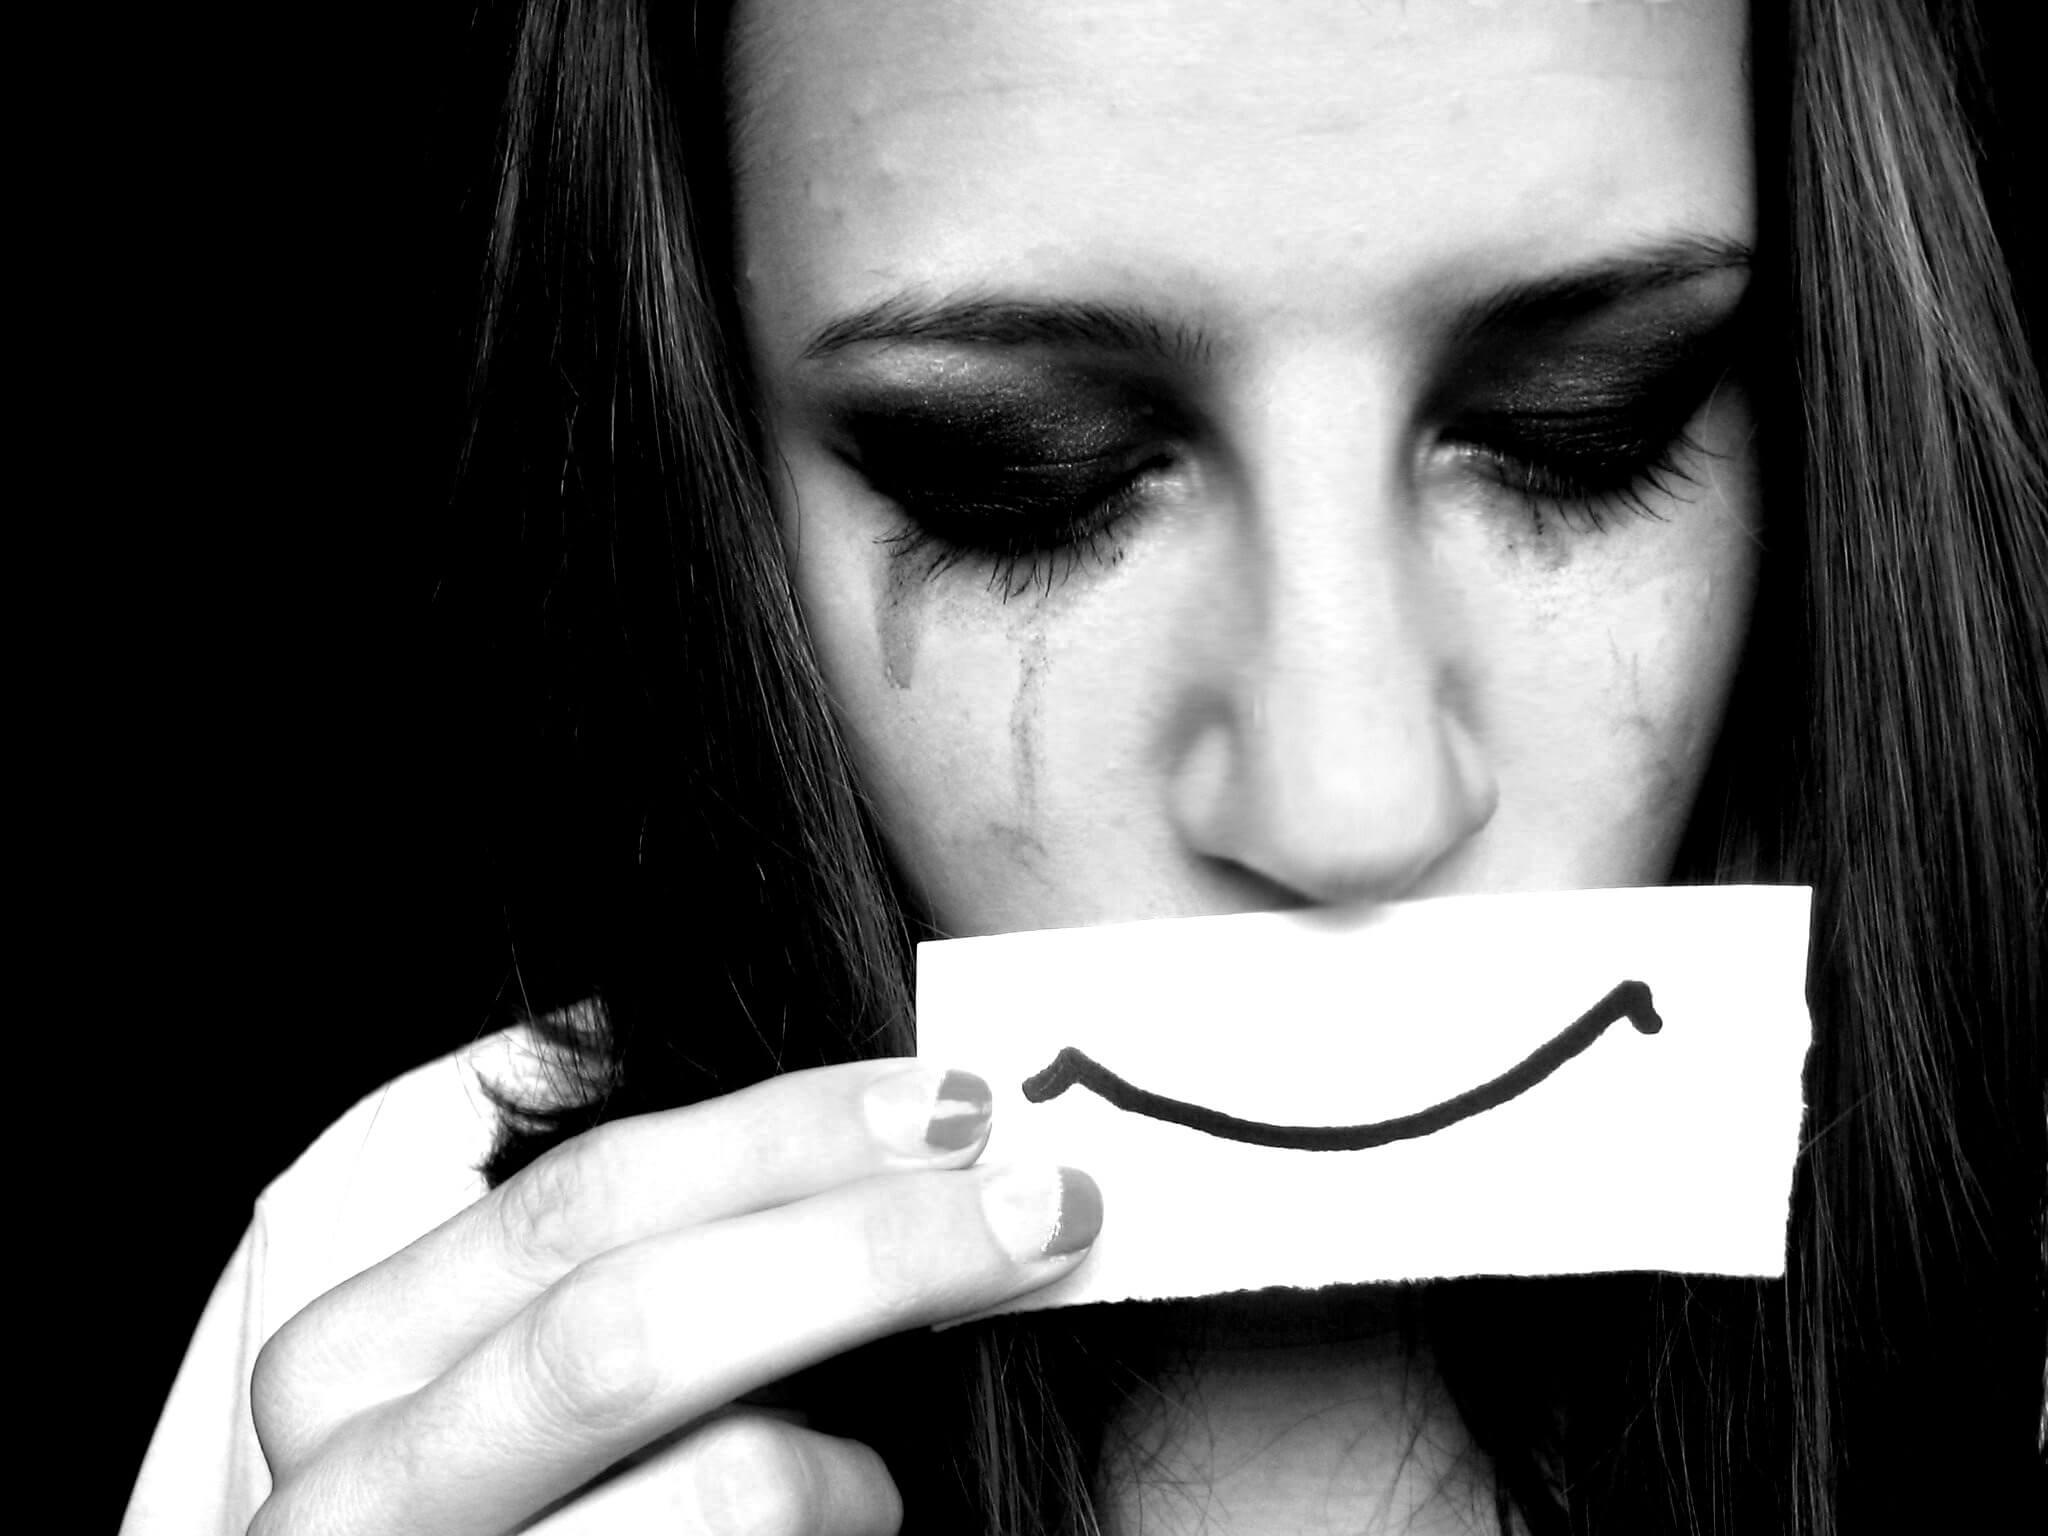 Для курящих, картинка с плачущей девушкой на аву